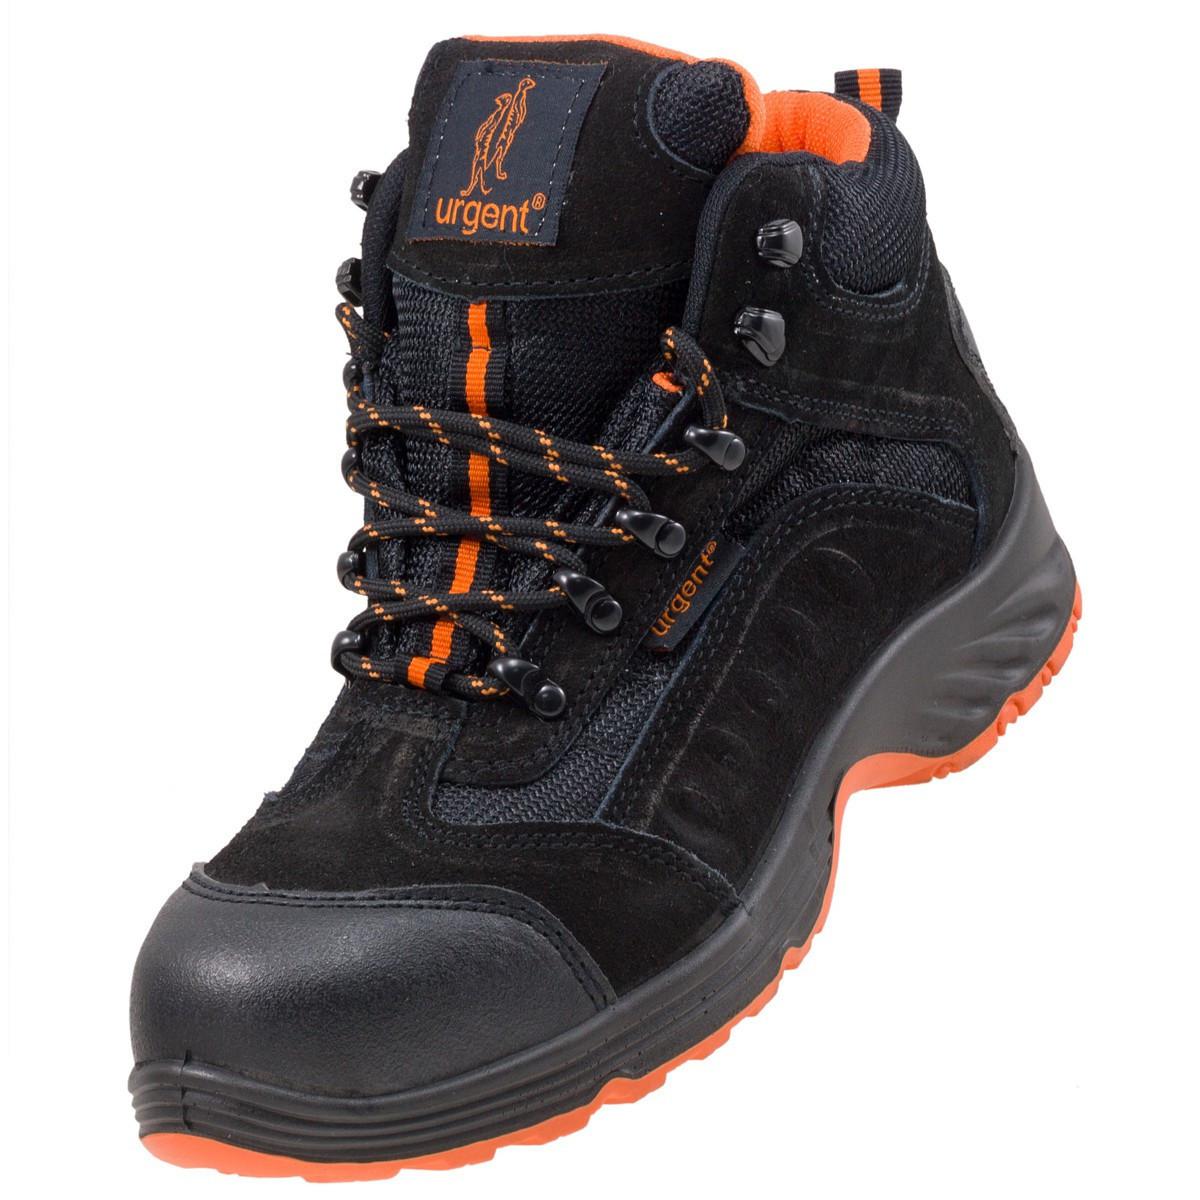 Ботинки рабочие 103 SB с металлическим носком,антистатические,  черно-оранжевого. URGENT (POLAND)